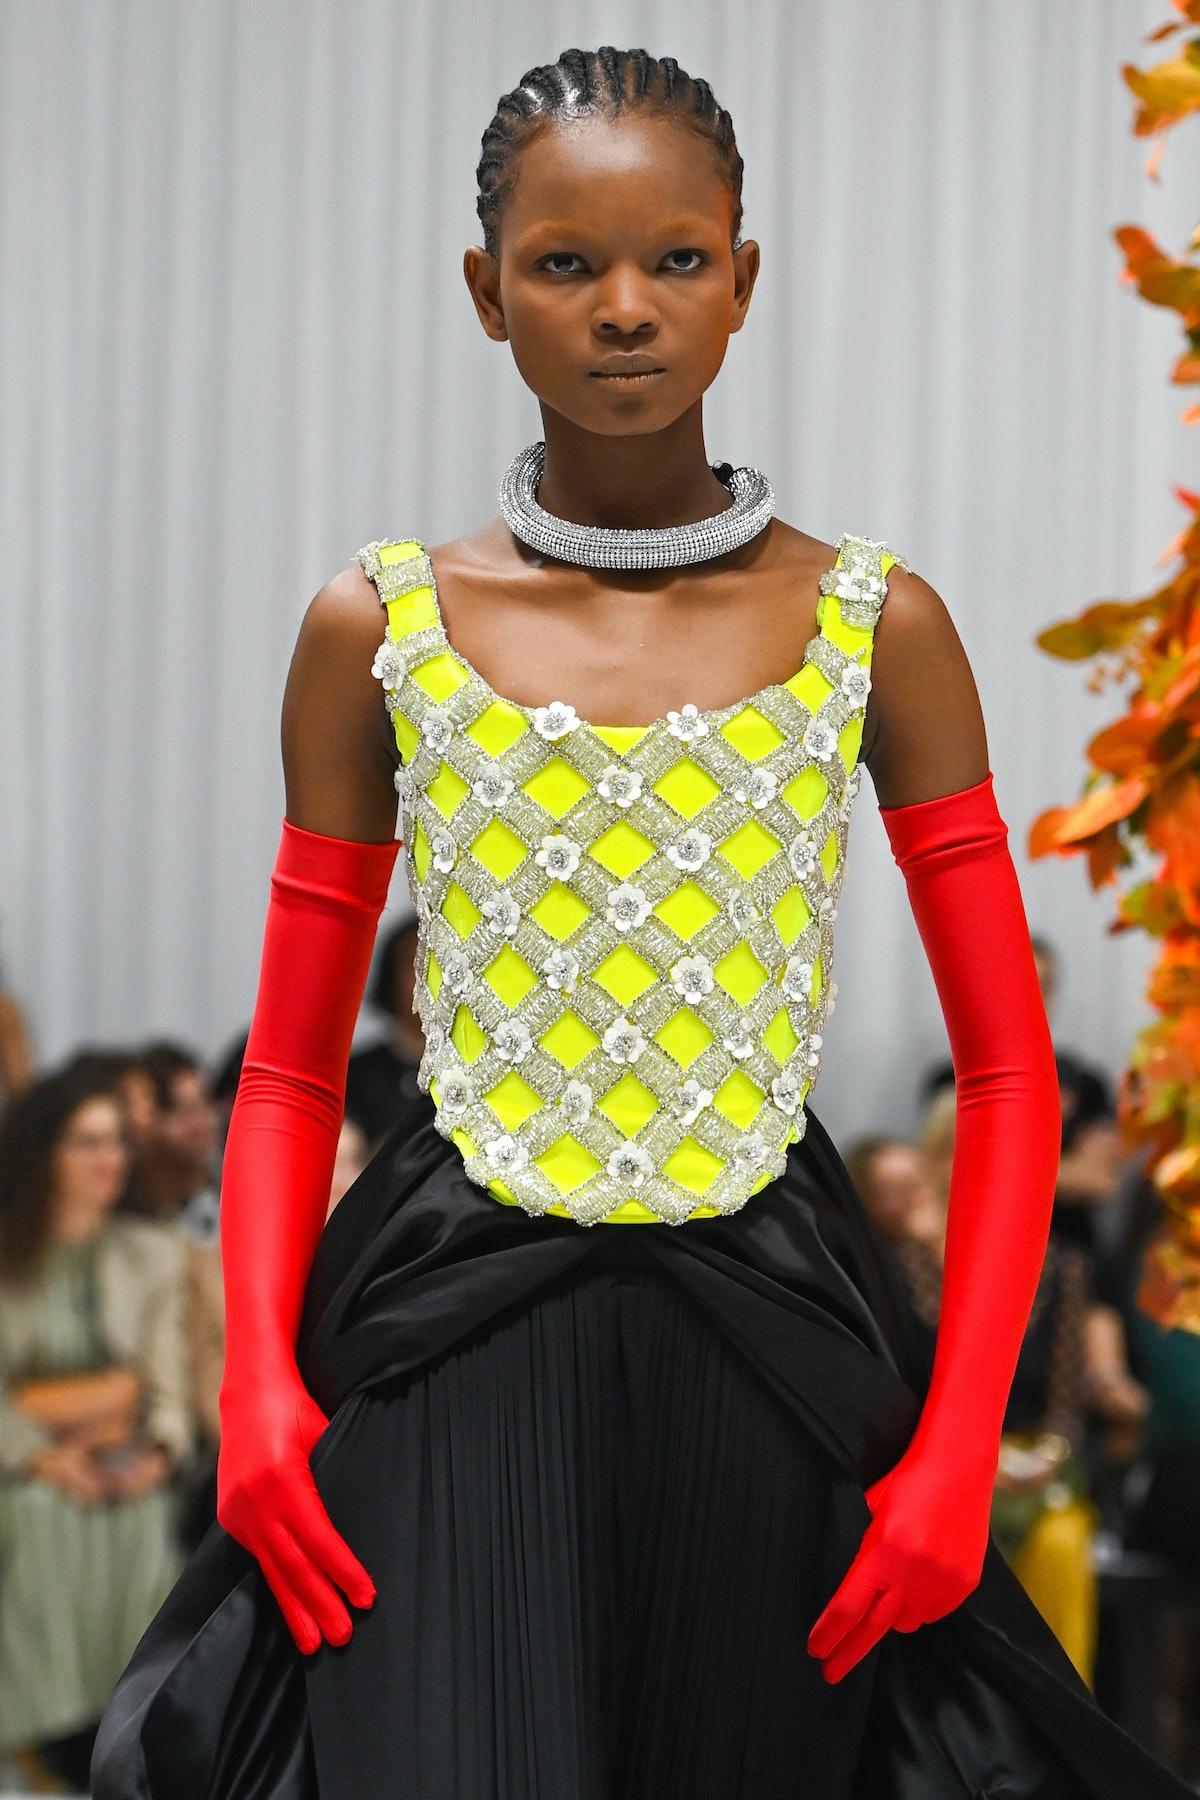 لندن ، انگلستان - 21 سپتامبر: یک مدل در نمایشگاه ریچارد کوین در فاسد لندن روی باند پیاده روی می کند ...